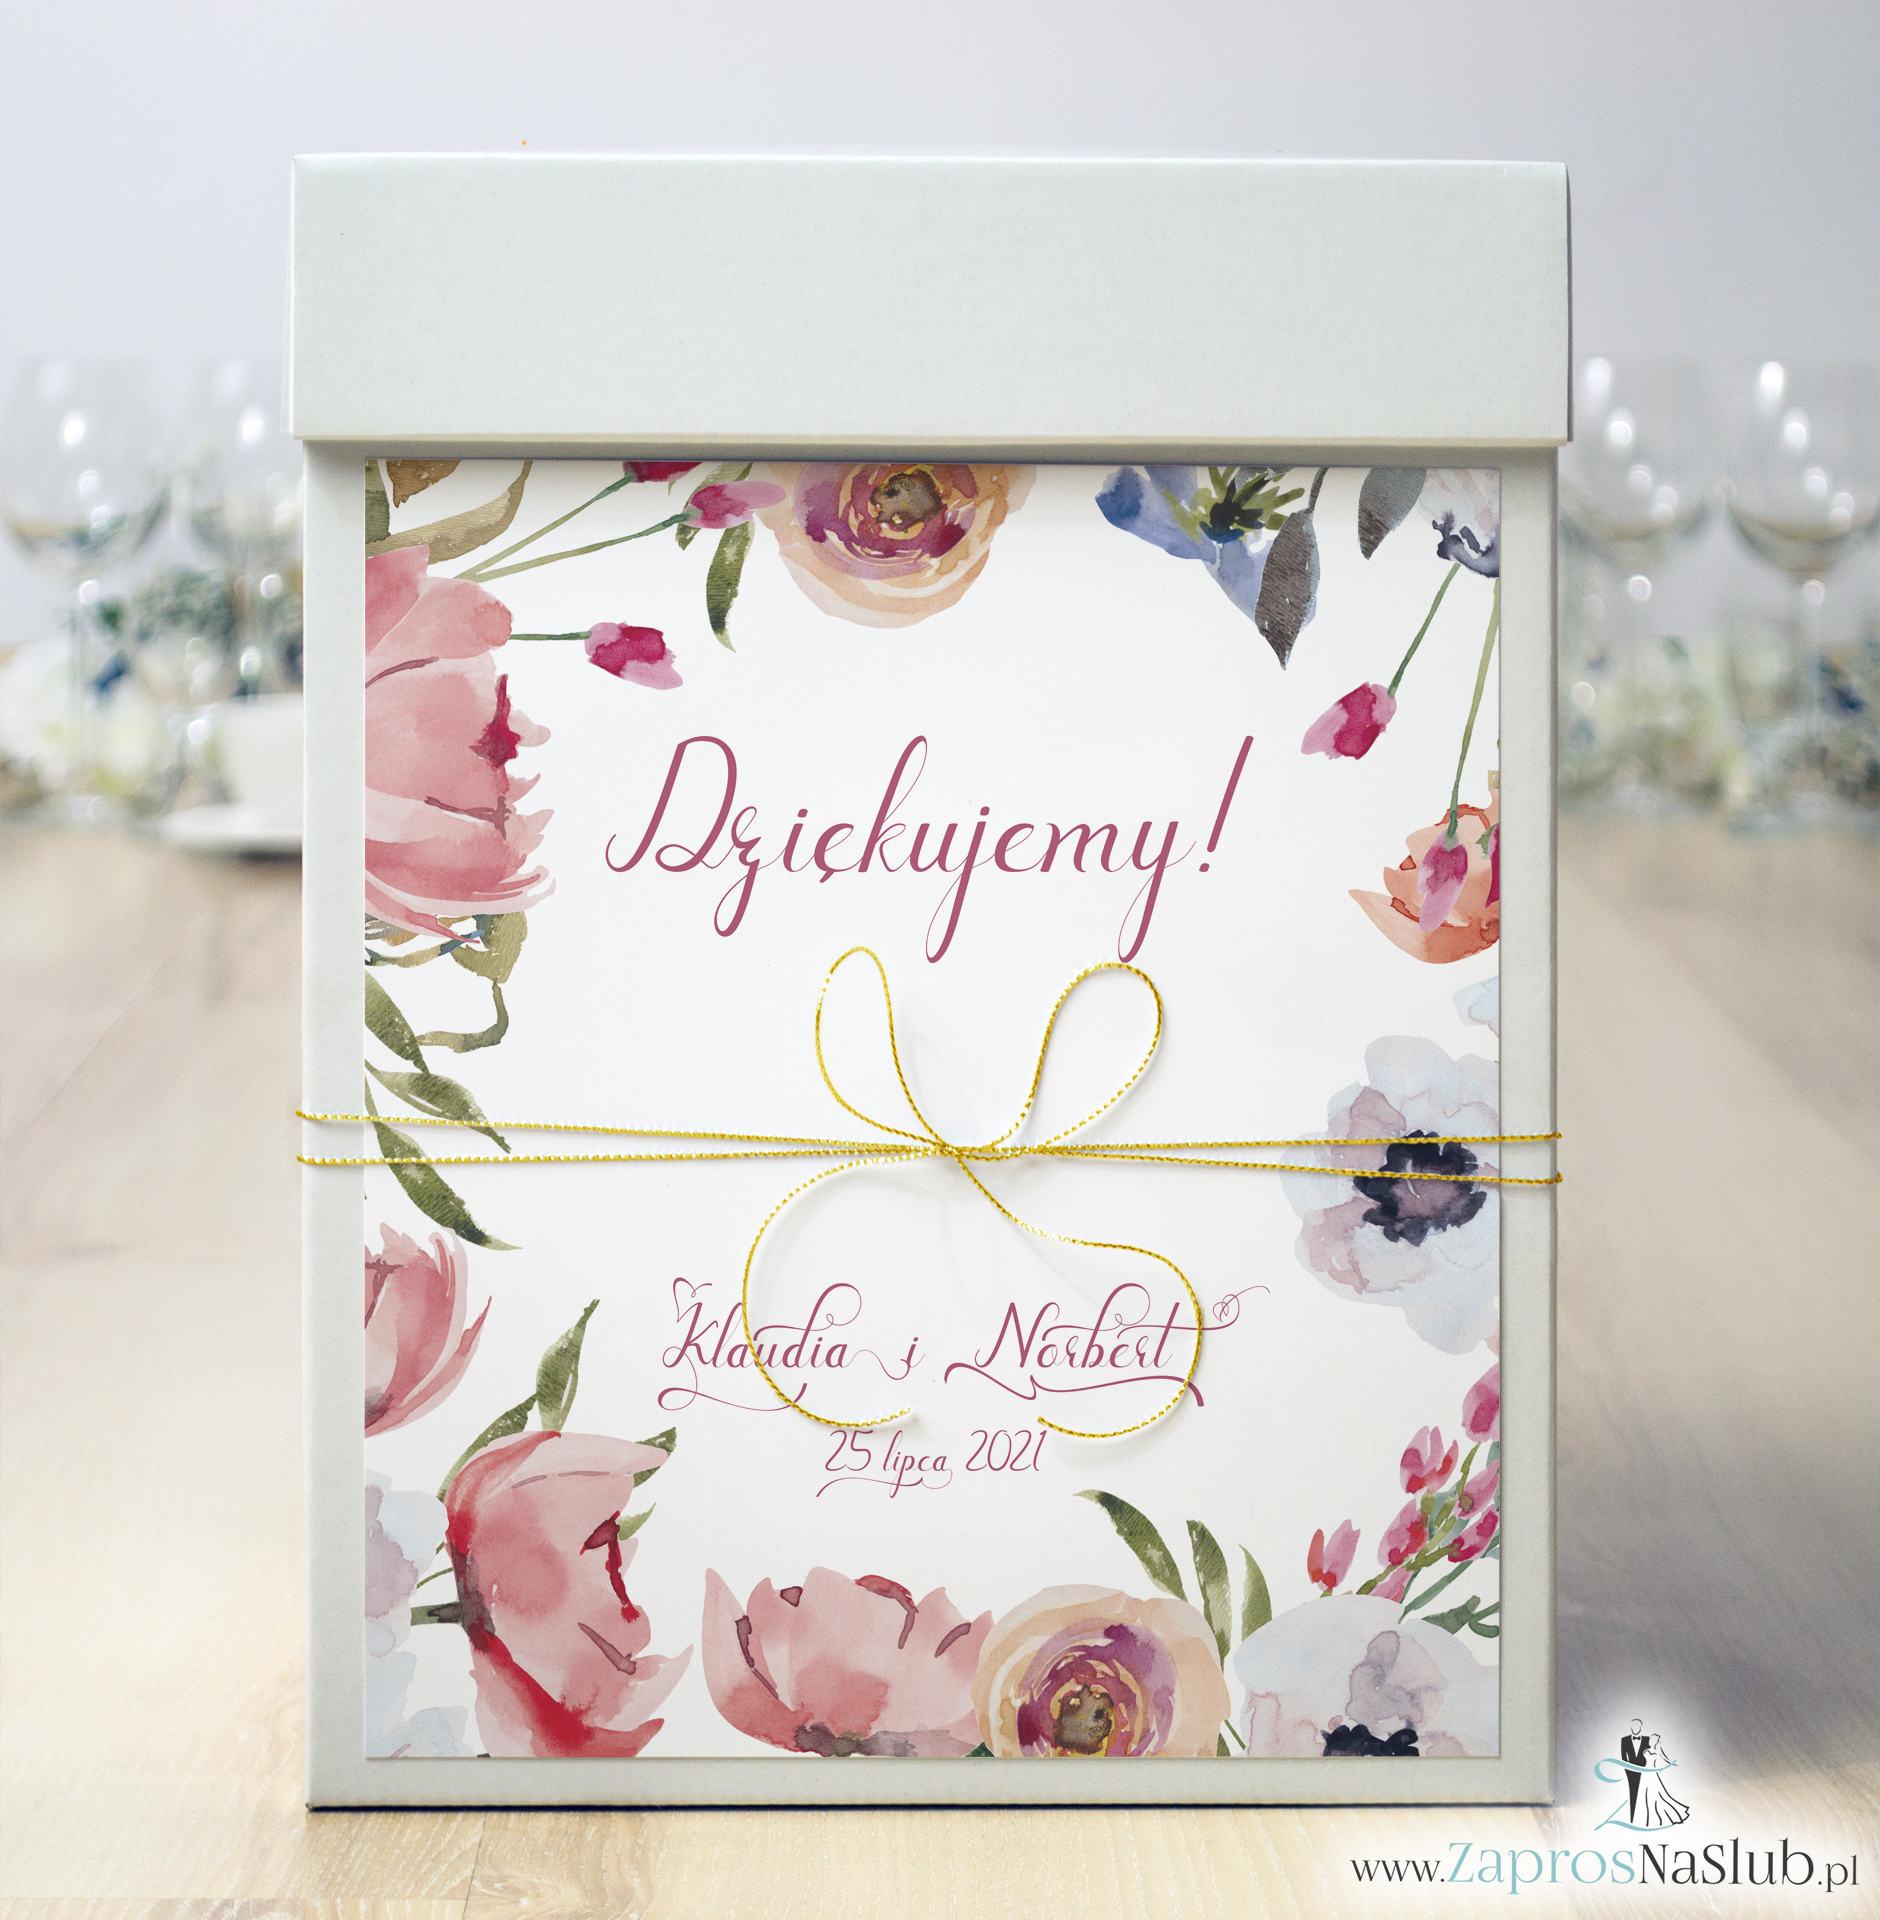 Pudełka na koperty – inspiracje weselne 2020 - Zaproszenia ślubne ZaprosNaSlub